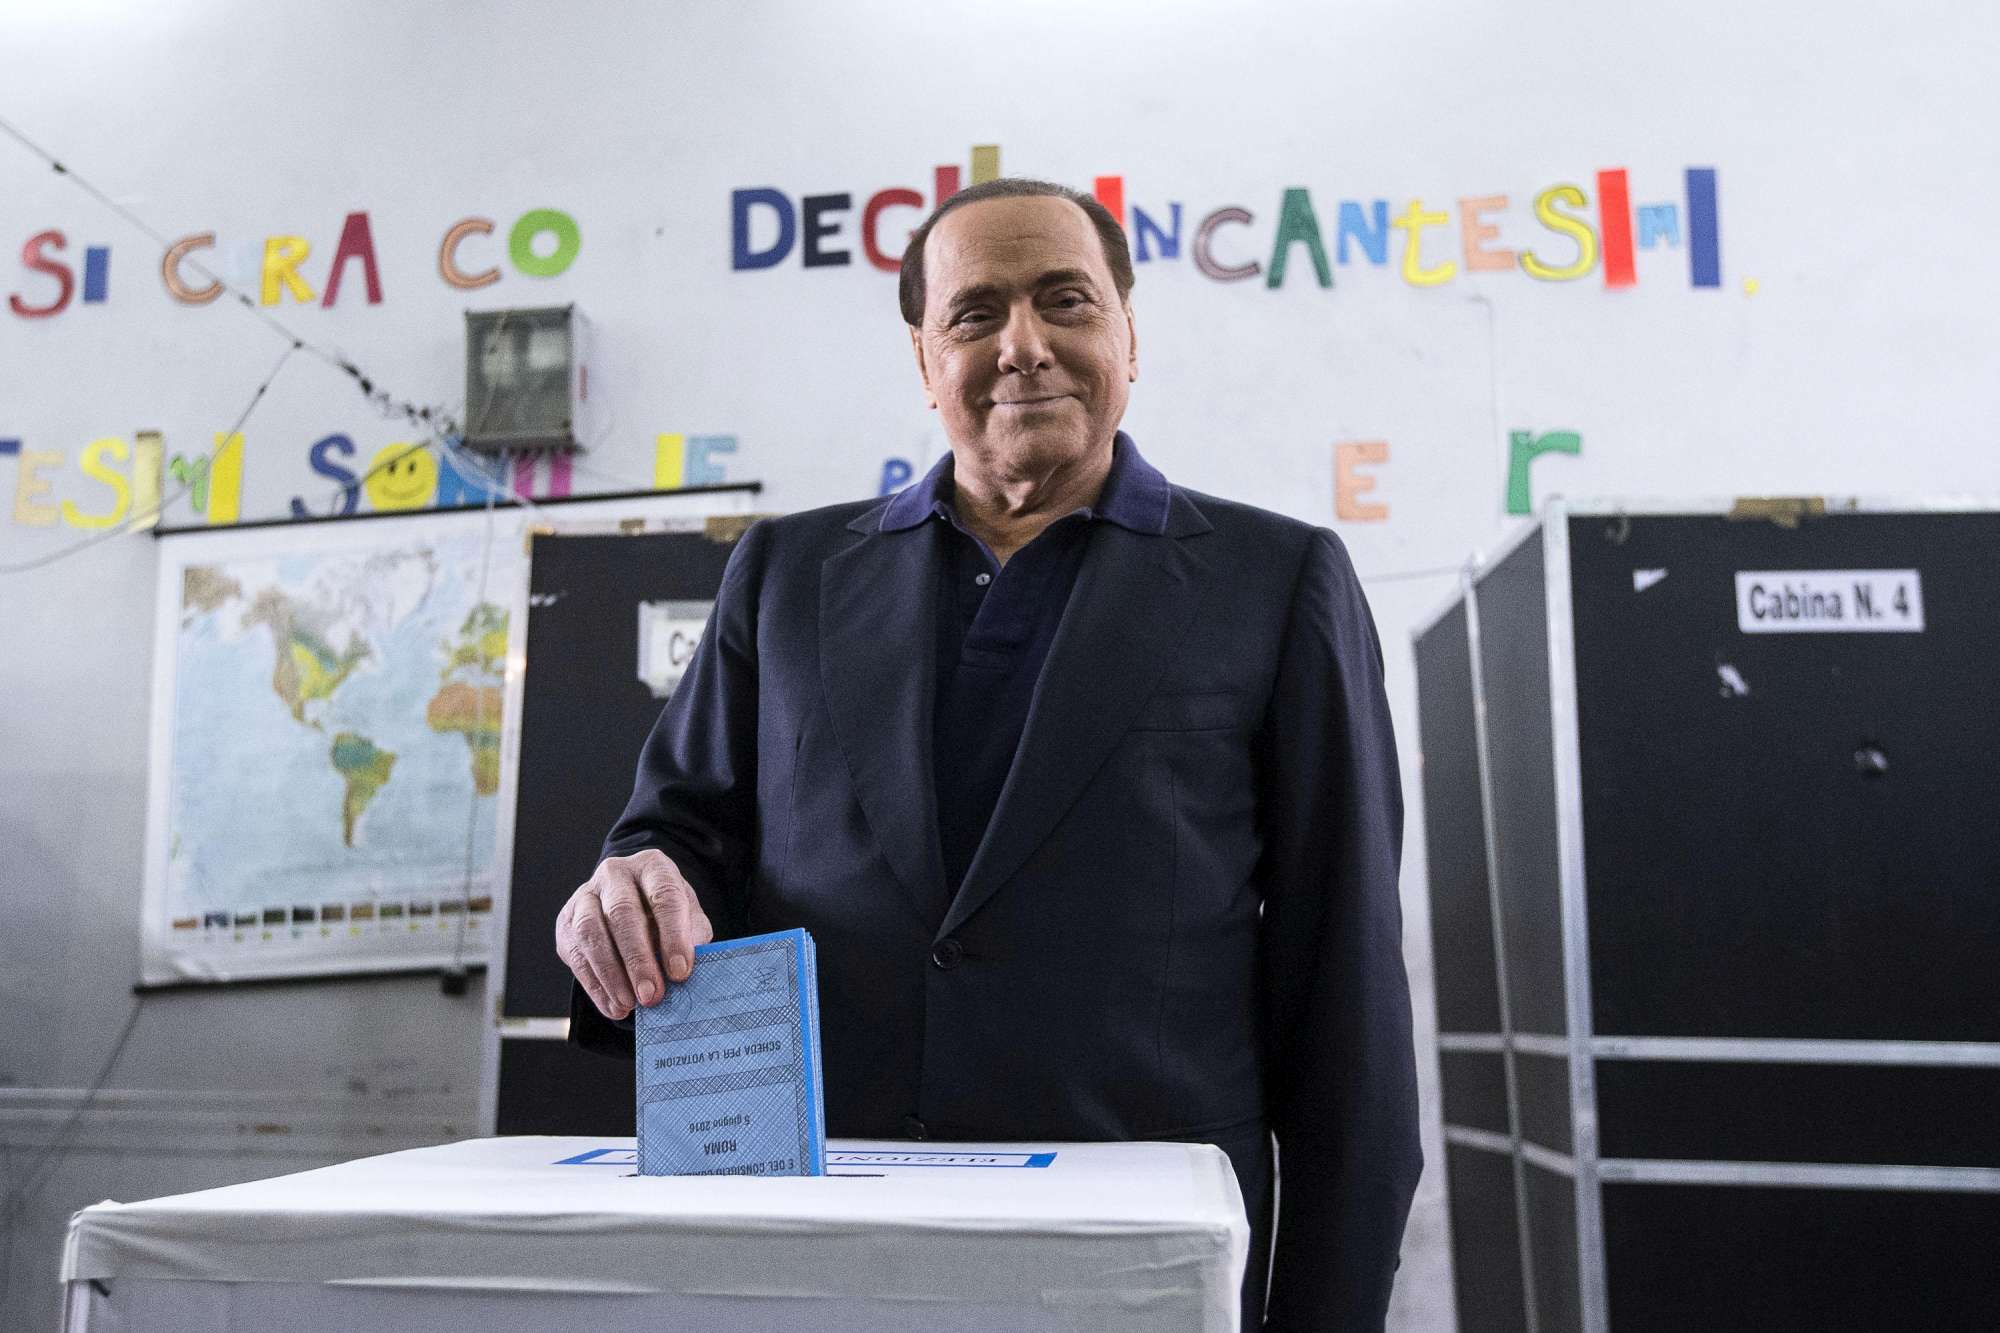 Comunali, leader e candidati al voto